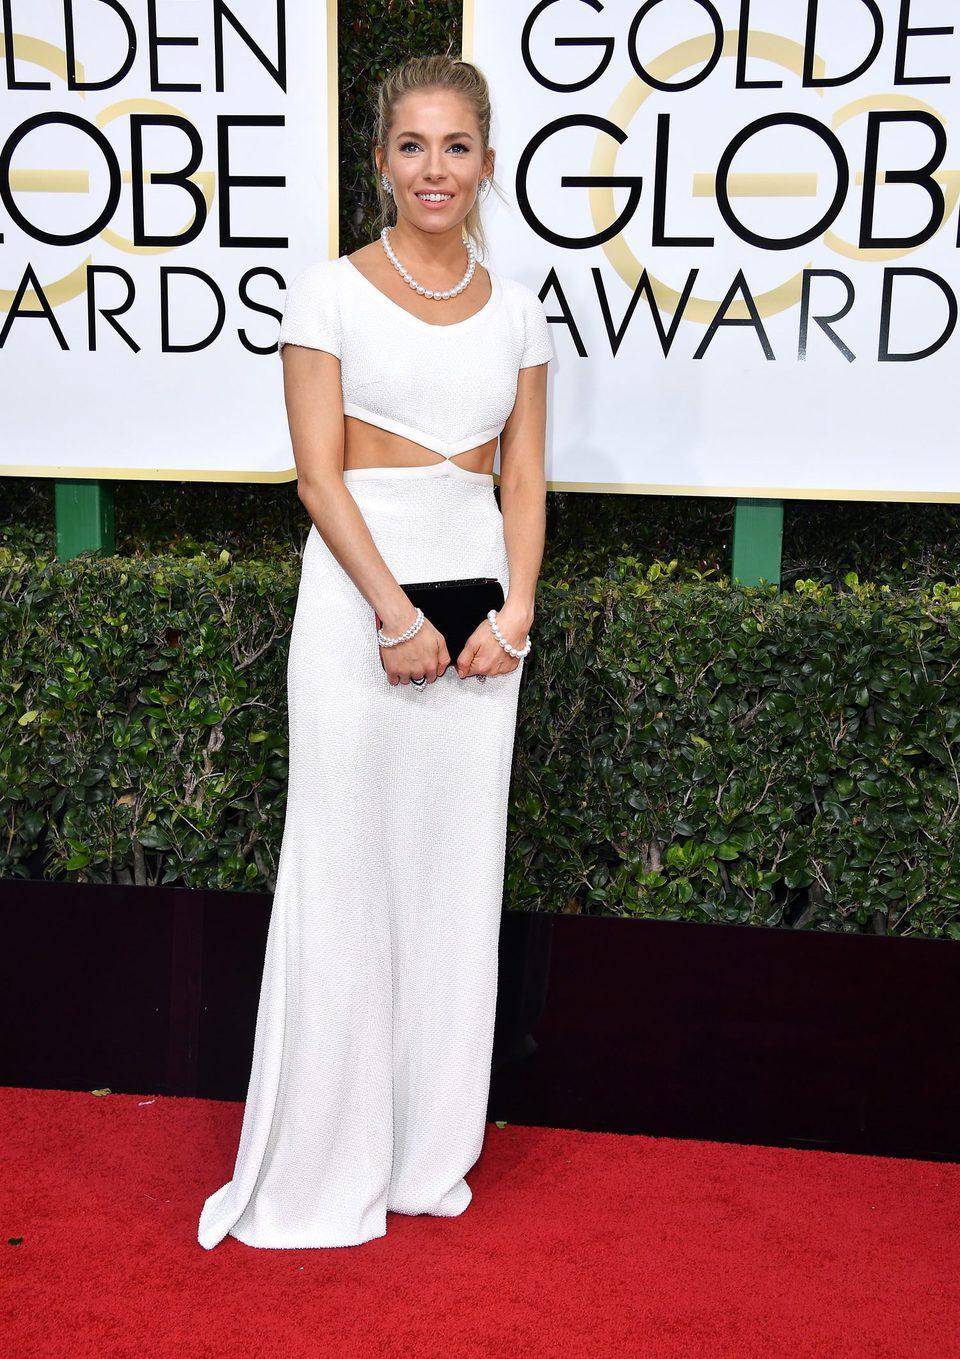 Sienna Miller at Golden Globes 2017 red carpet